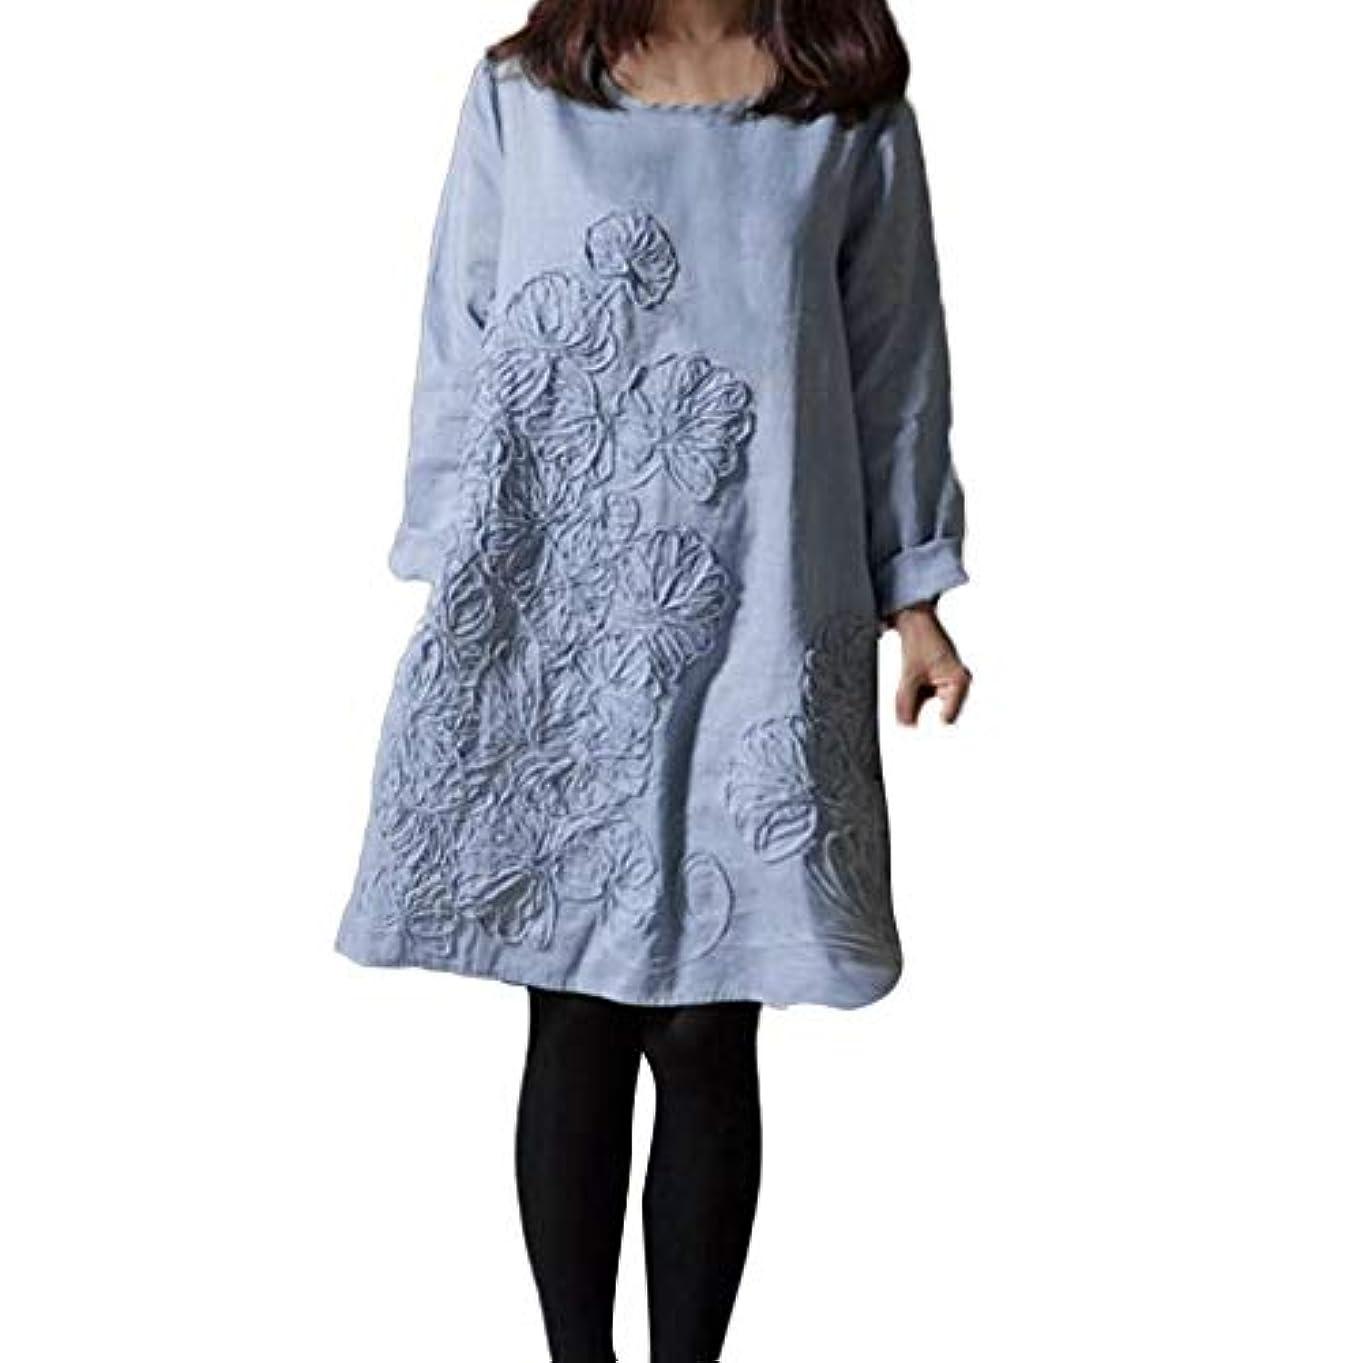 所有者慣れている奨学金女性ドレス 棉麻 YOKINO 花柄 刺繍 ゆったり 体型カバー 森ガール ゆったり 着痩せ レディース白ワンピース 大人 ワンピース 春 夏 秋 ワンピース 大きいサイズ ゆったり 着痩せ